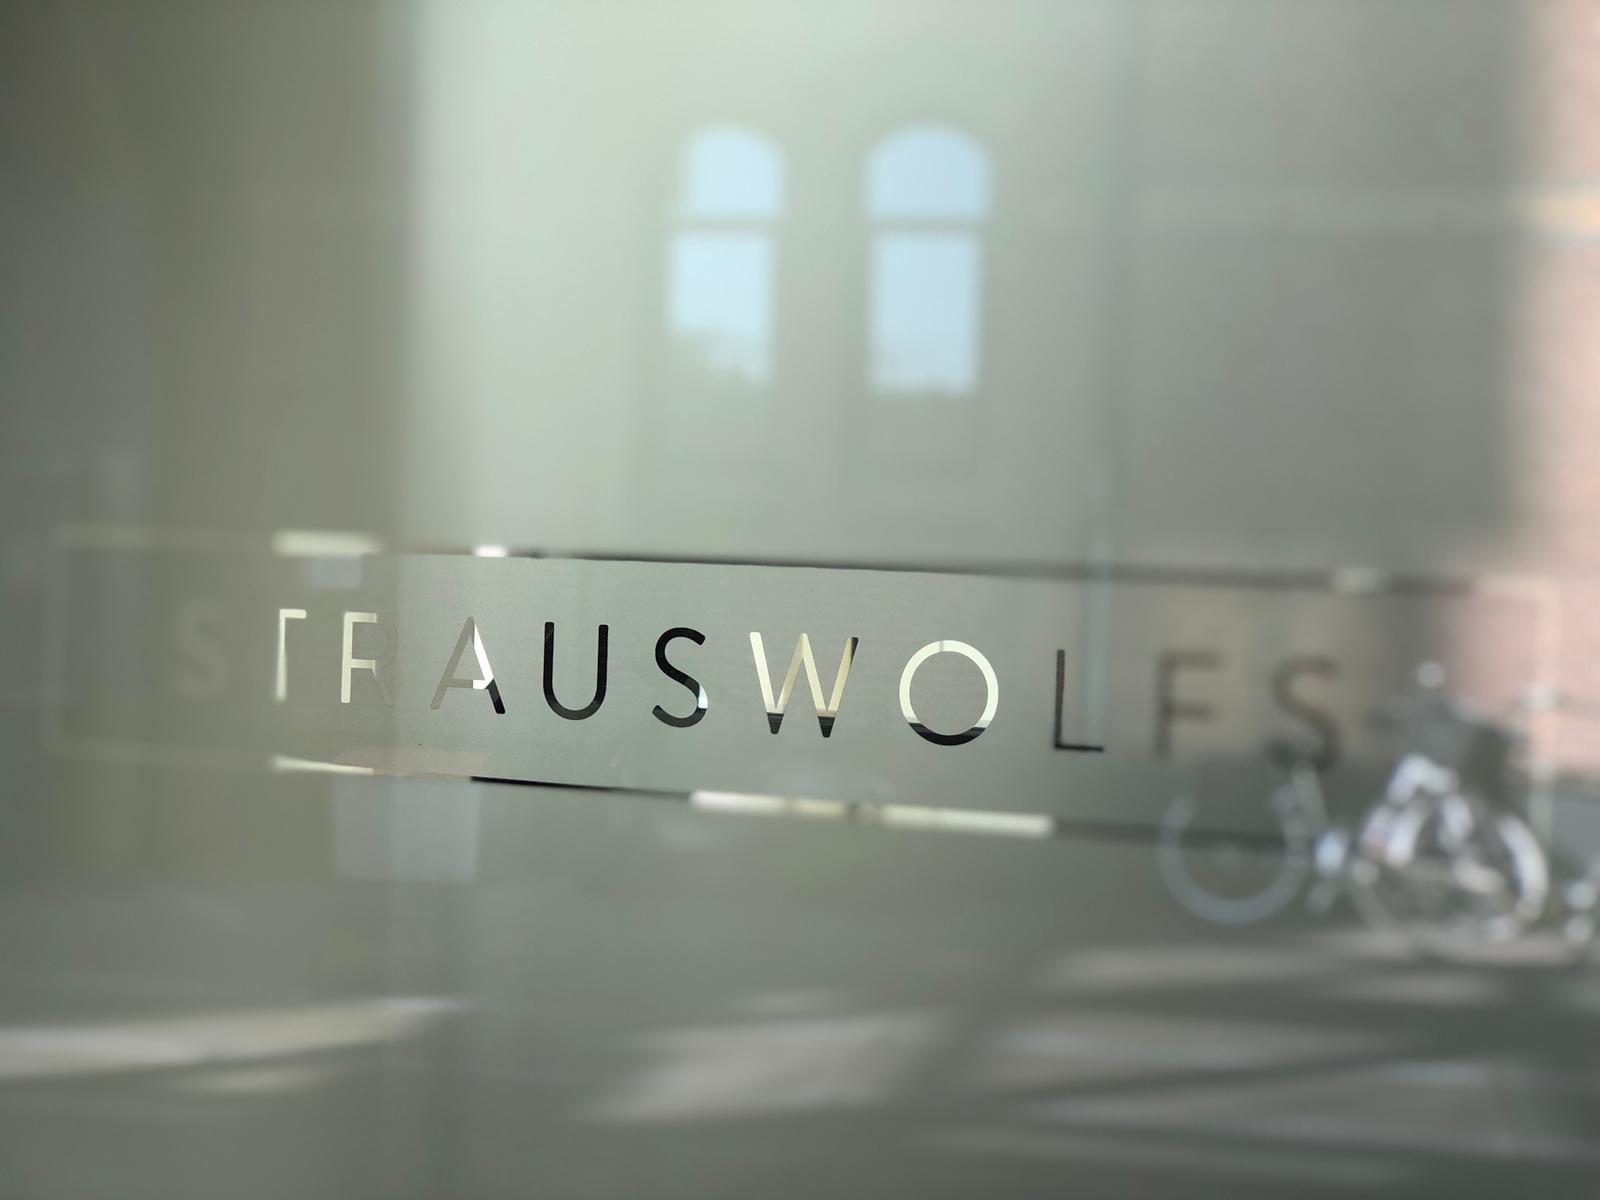 Glazen deur Strauswolfs advocaten kantoor